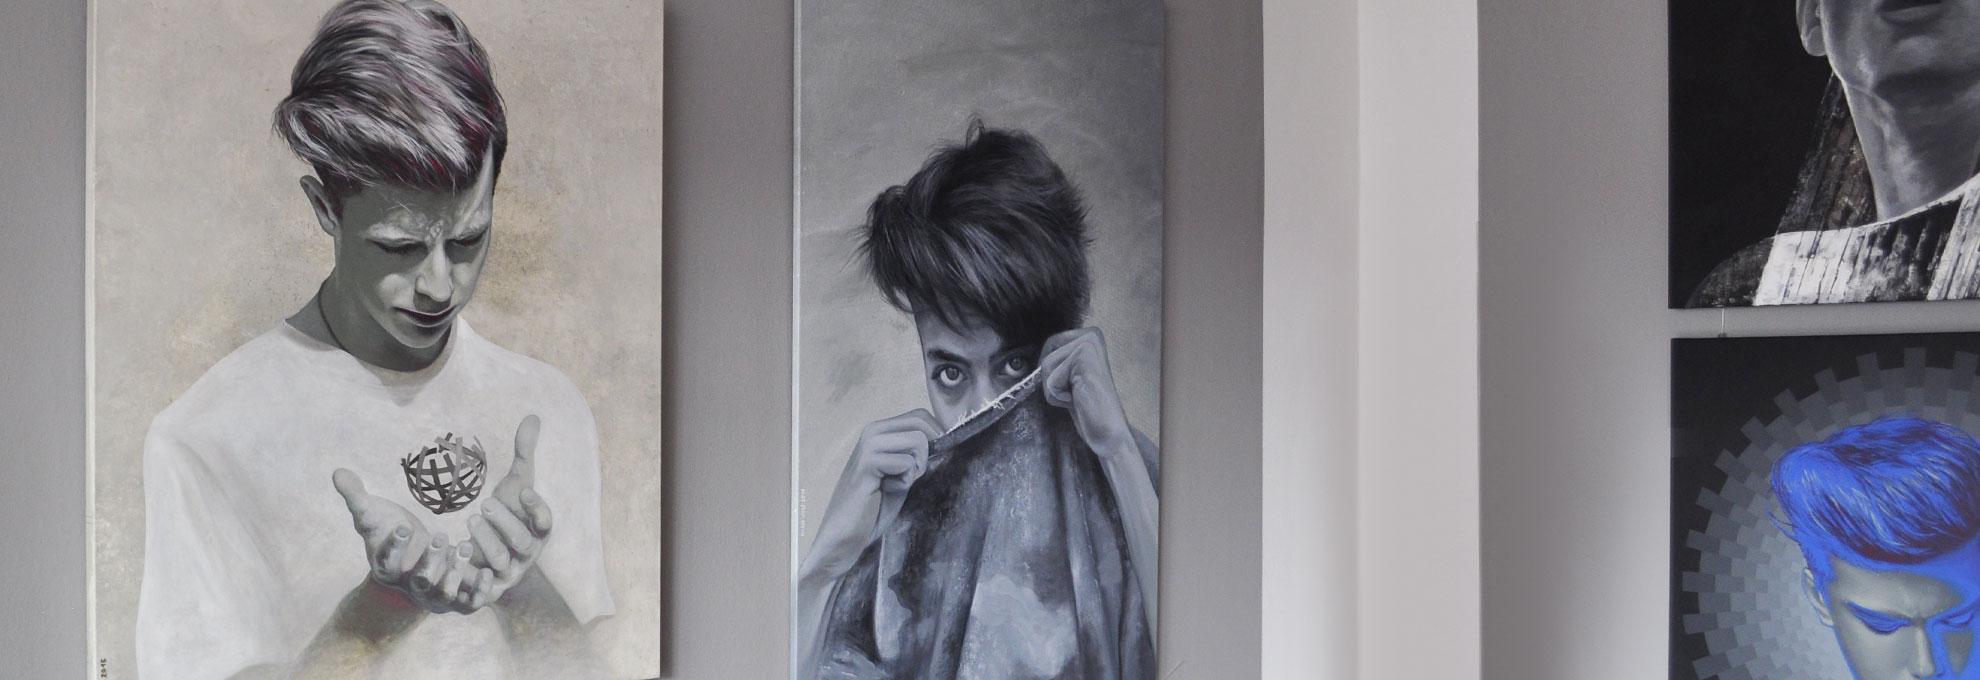 Ausstellung - Mario Wolf Face To Face - Kunstbanane Nürnberg - 2019